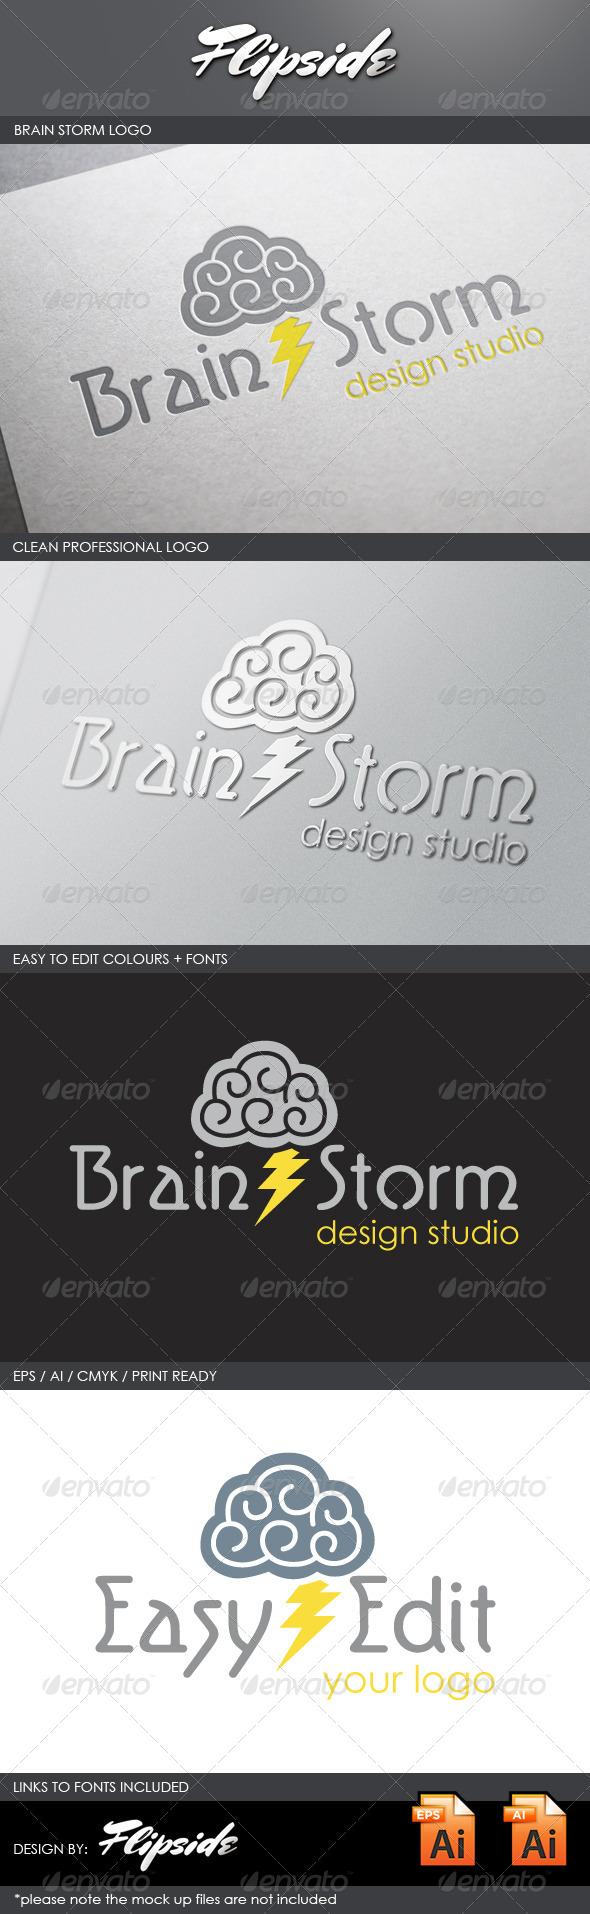 GraphicRiver Brain Storm logo 4327510